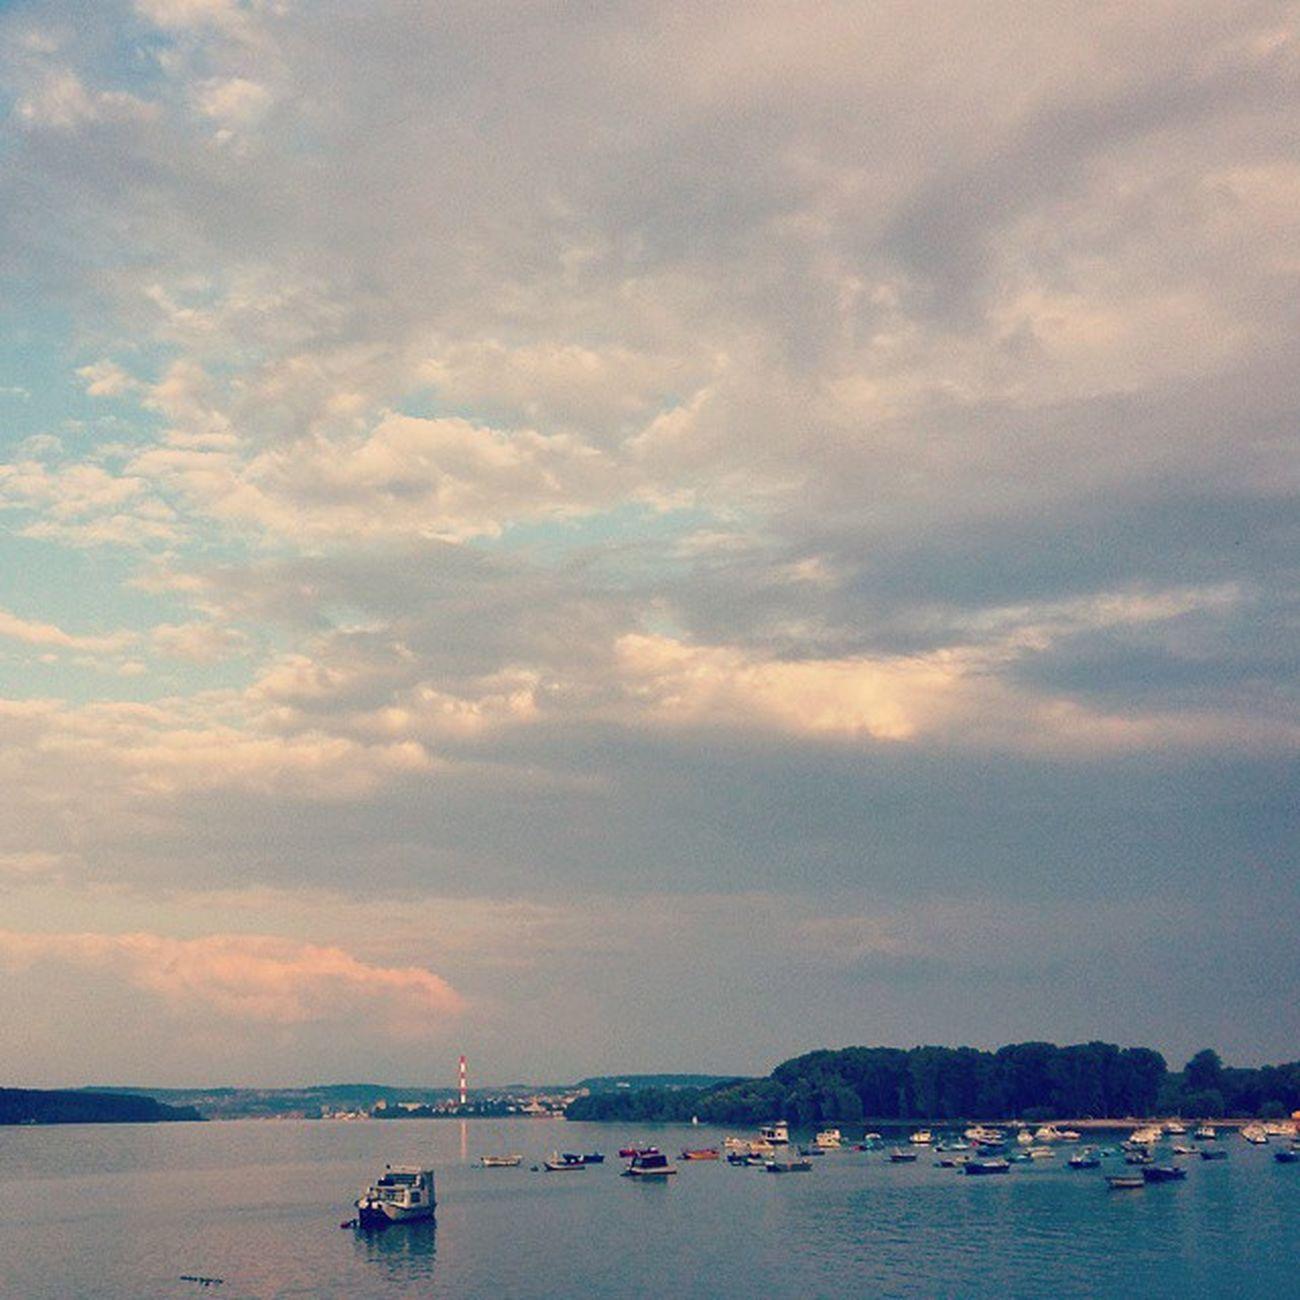 Da bog da stane celi svet, stane bar na tren... 🌟🐾🏇 Pauza Odmor Danube Dunav zemum dunavskikej ig_zemun